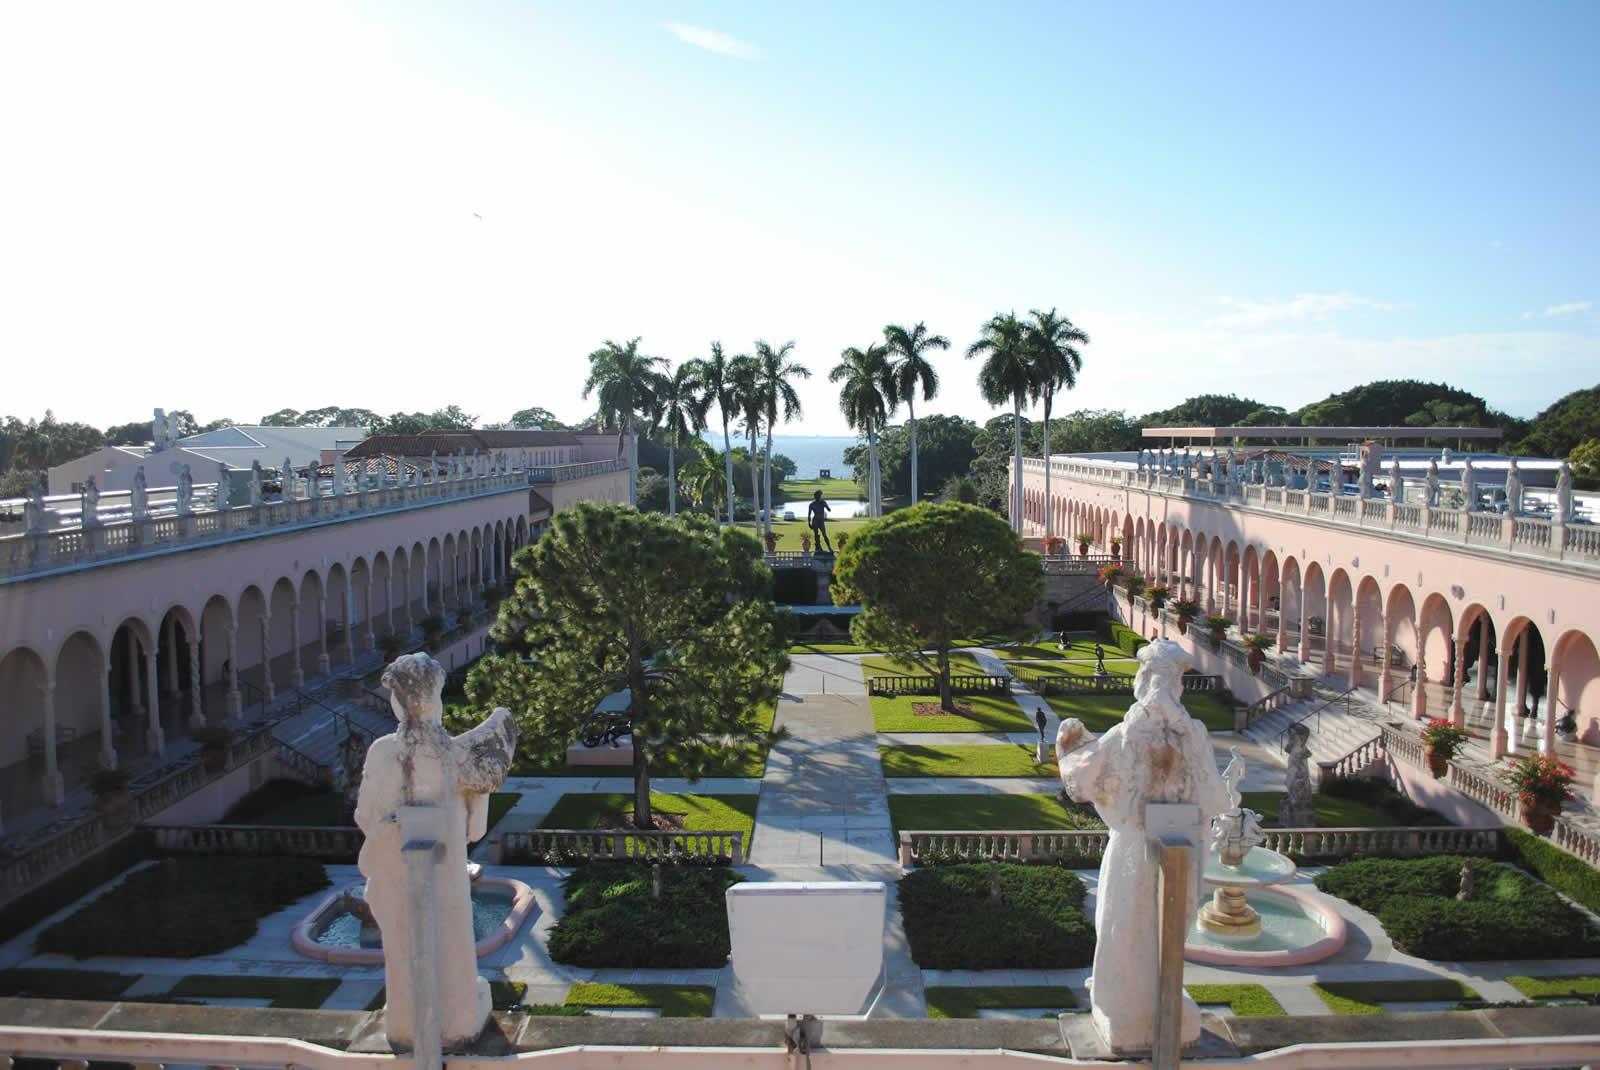 Ringling Museum, sous le plus grand chapiteau du monde à Sarasota